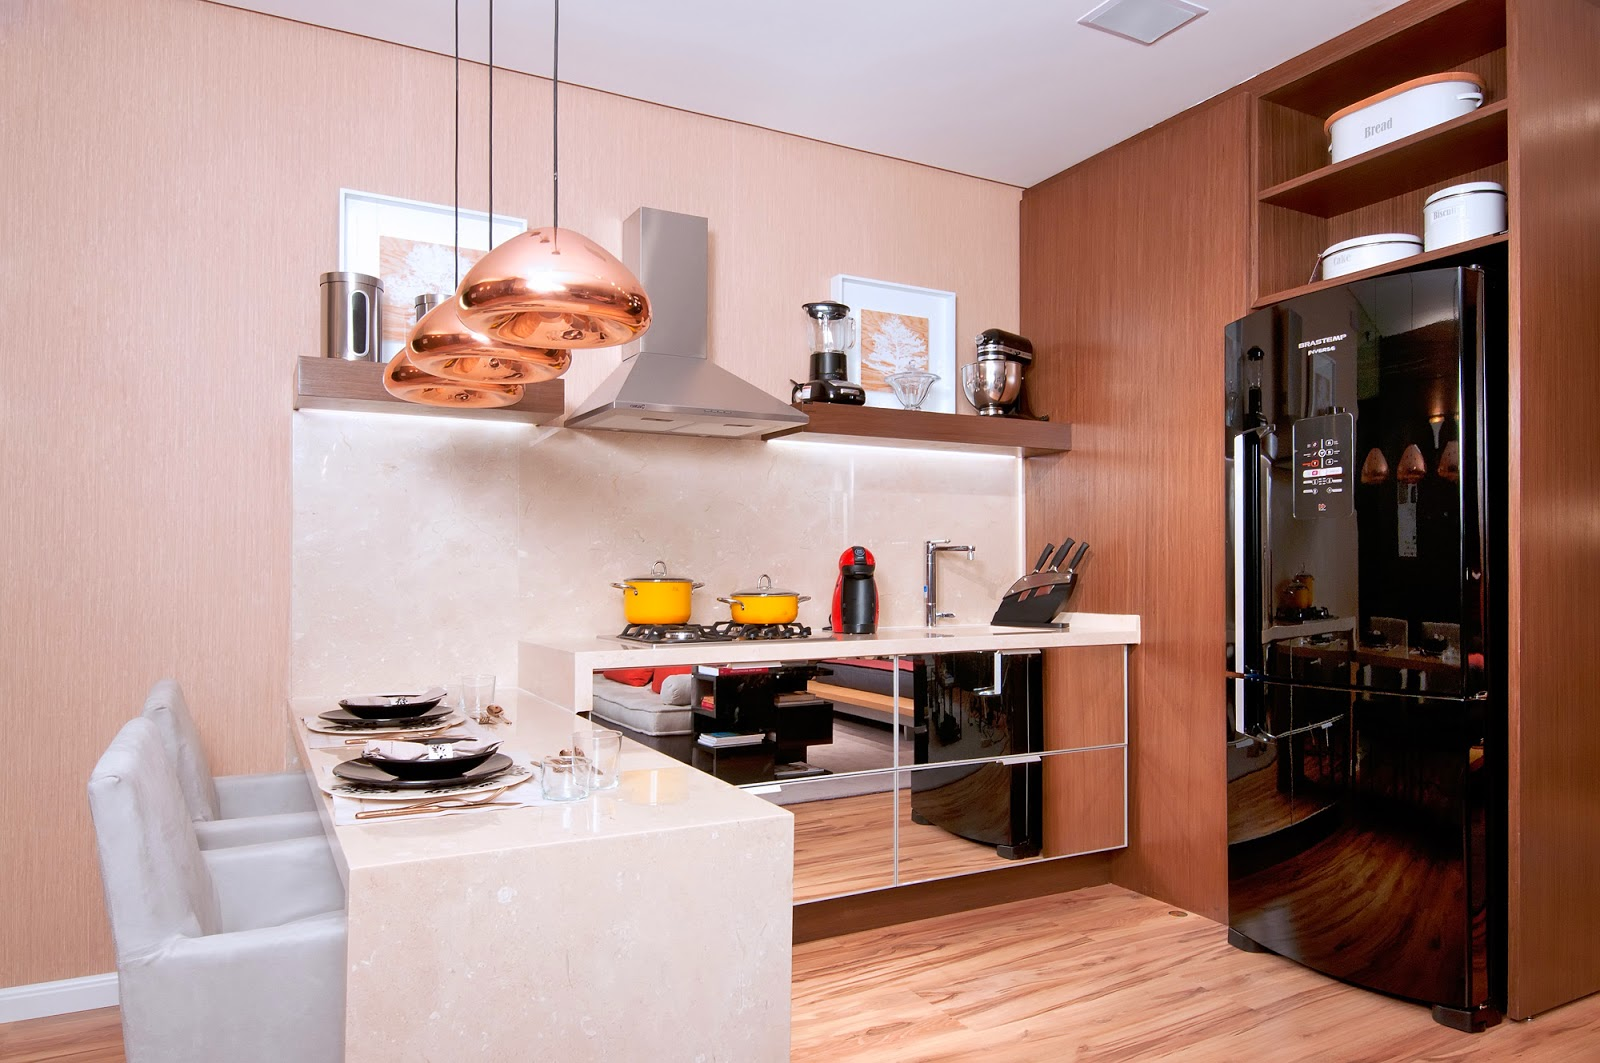 Cozinhas Pequenas Modernas e Planejadas – veja modelos e dicas  #CA9501 1600 1063